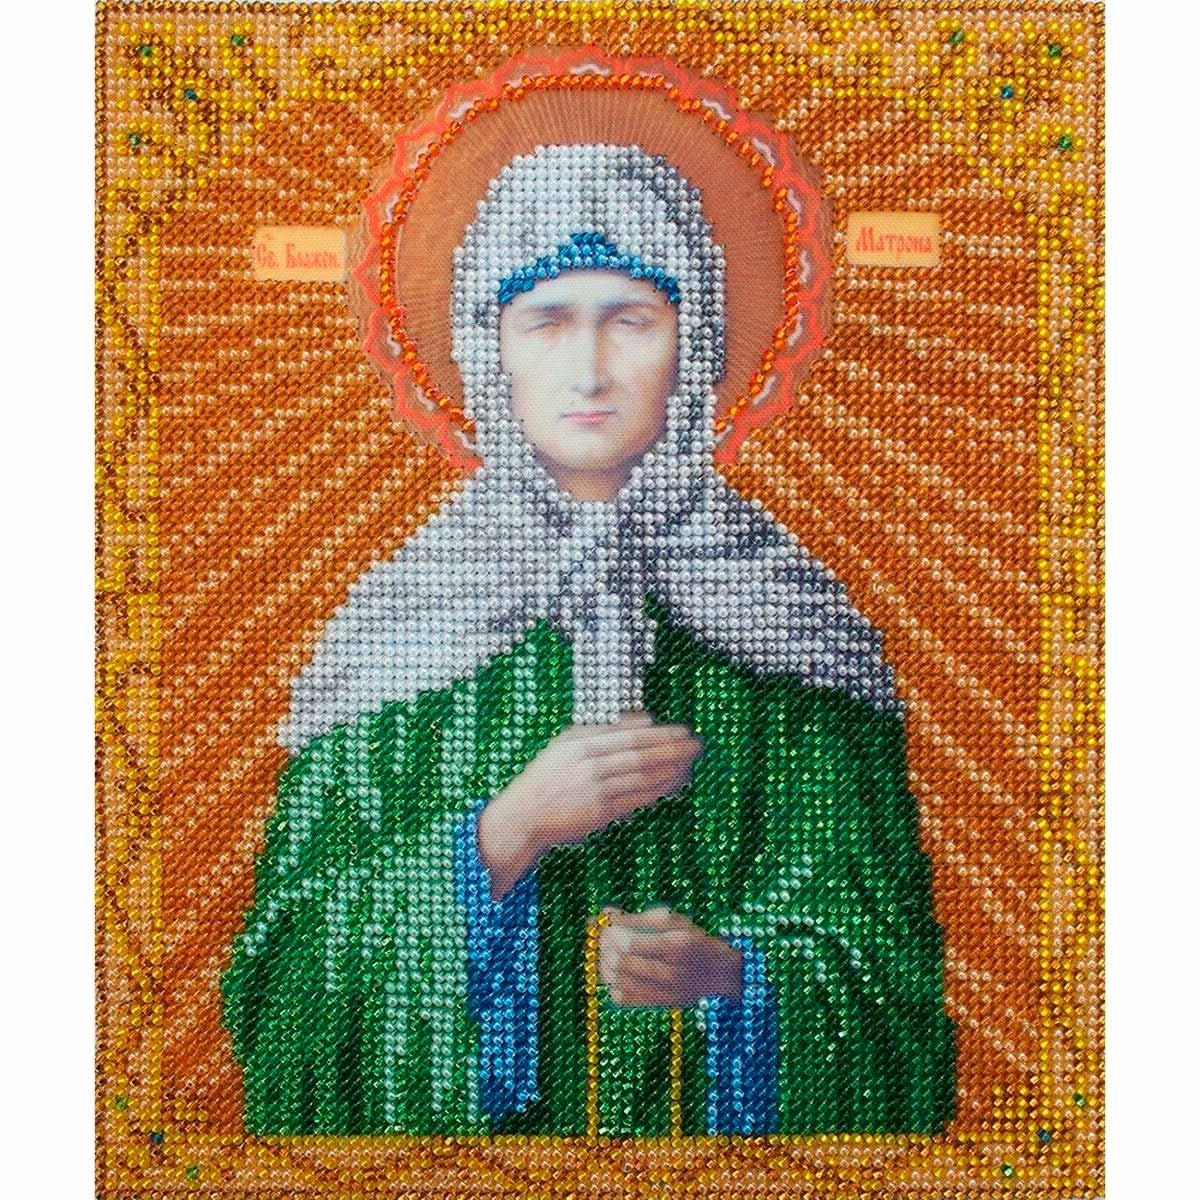 БН-4006 Набор для вышивания бисером Hobby&Pro 'Икона Святая Блаженная Матрона Московская', 19*23 см